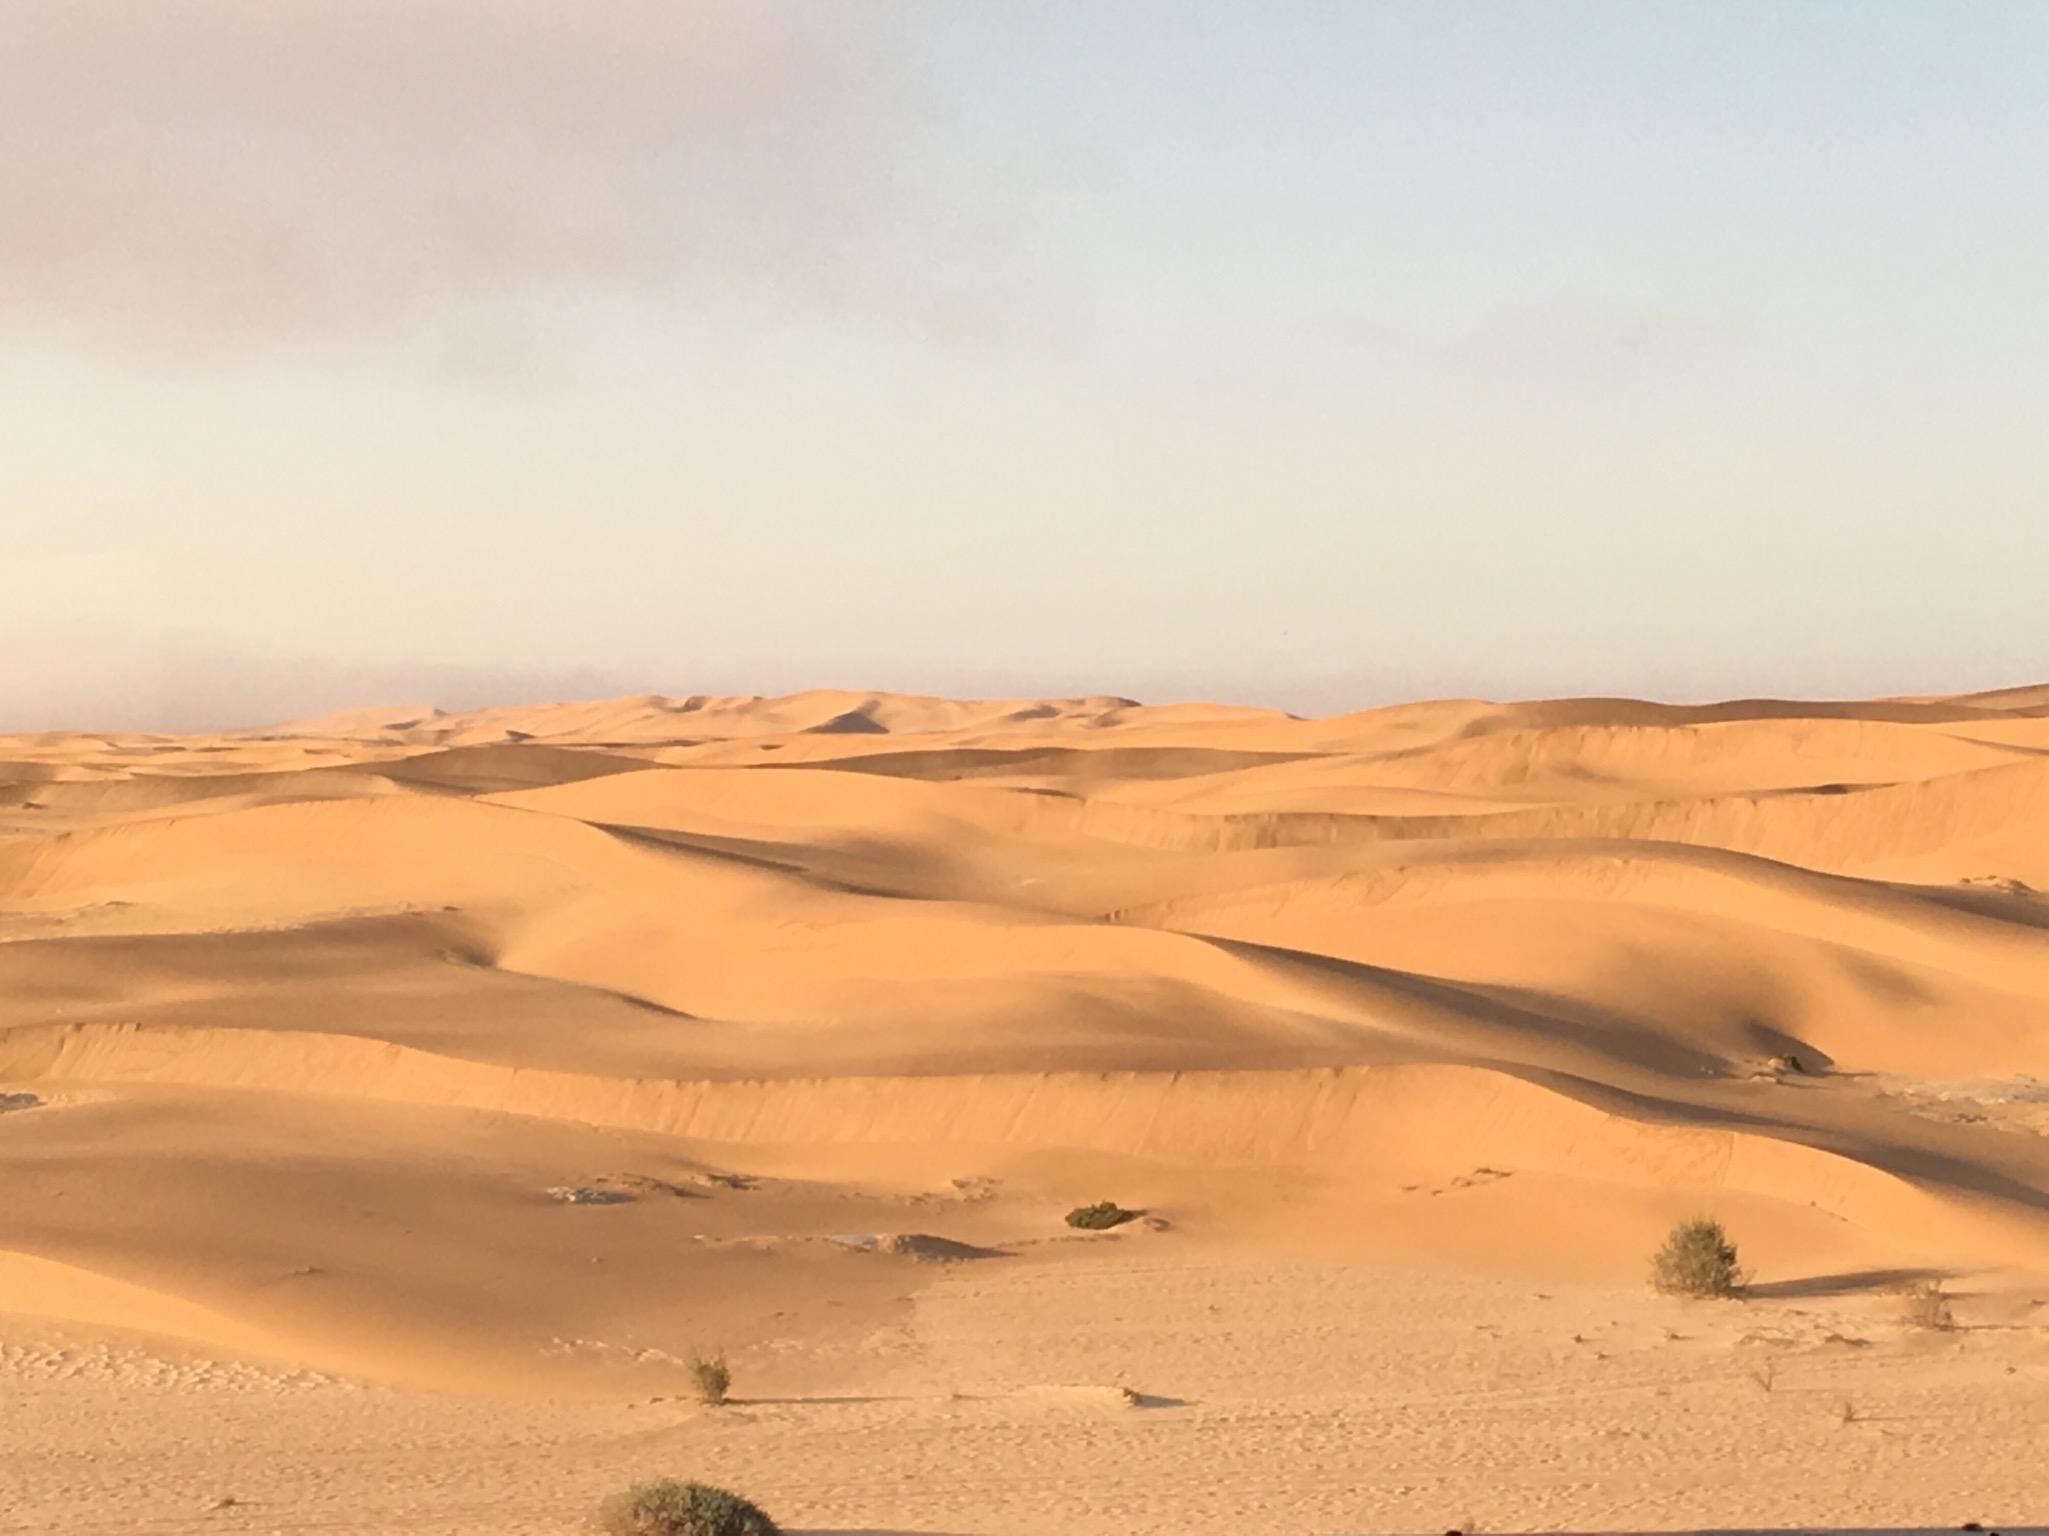 Dunes in Swakopmund from our hotel window